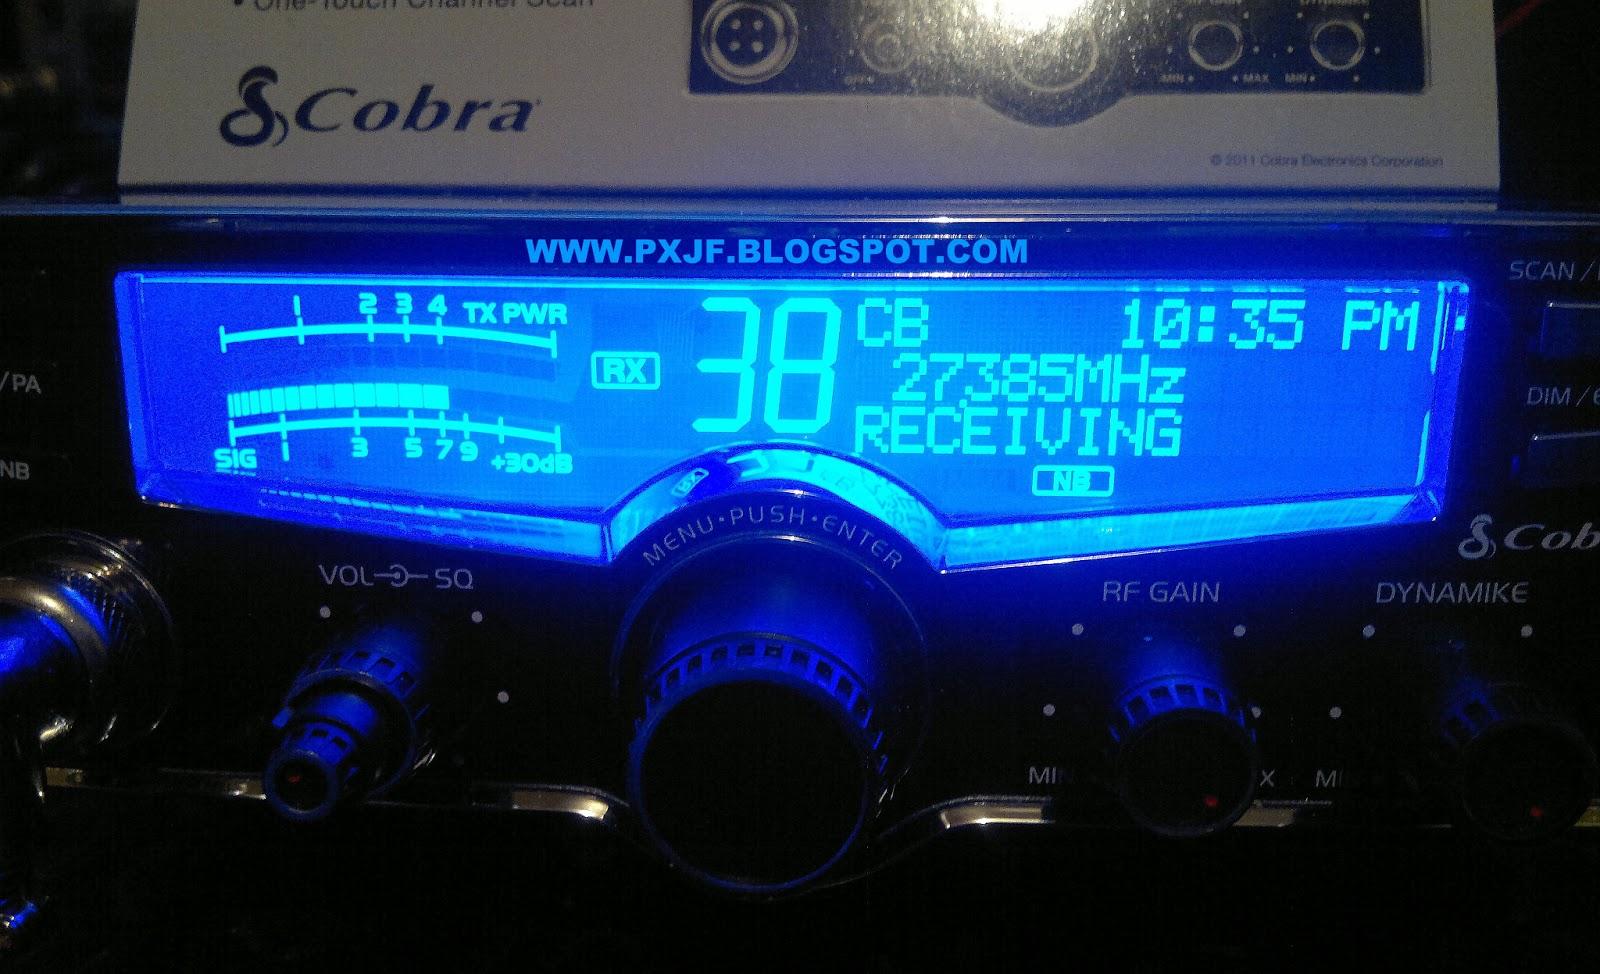 8d763c3af66 ... potência ao acionar o microfone - 4 watts  os modelos mais completos  não possuem esta característica de mostrar a potência no visor. Olhe a foto  abaixo.